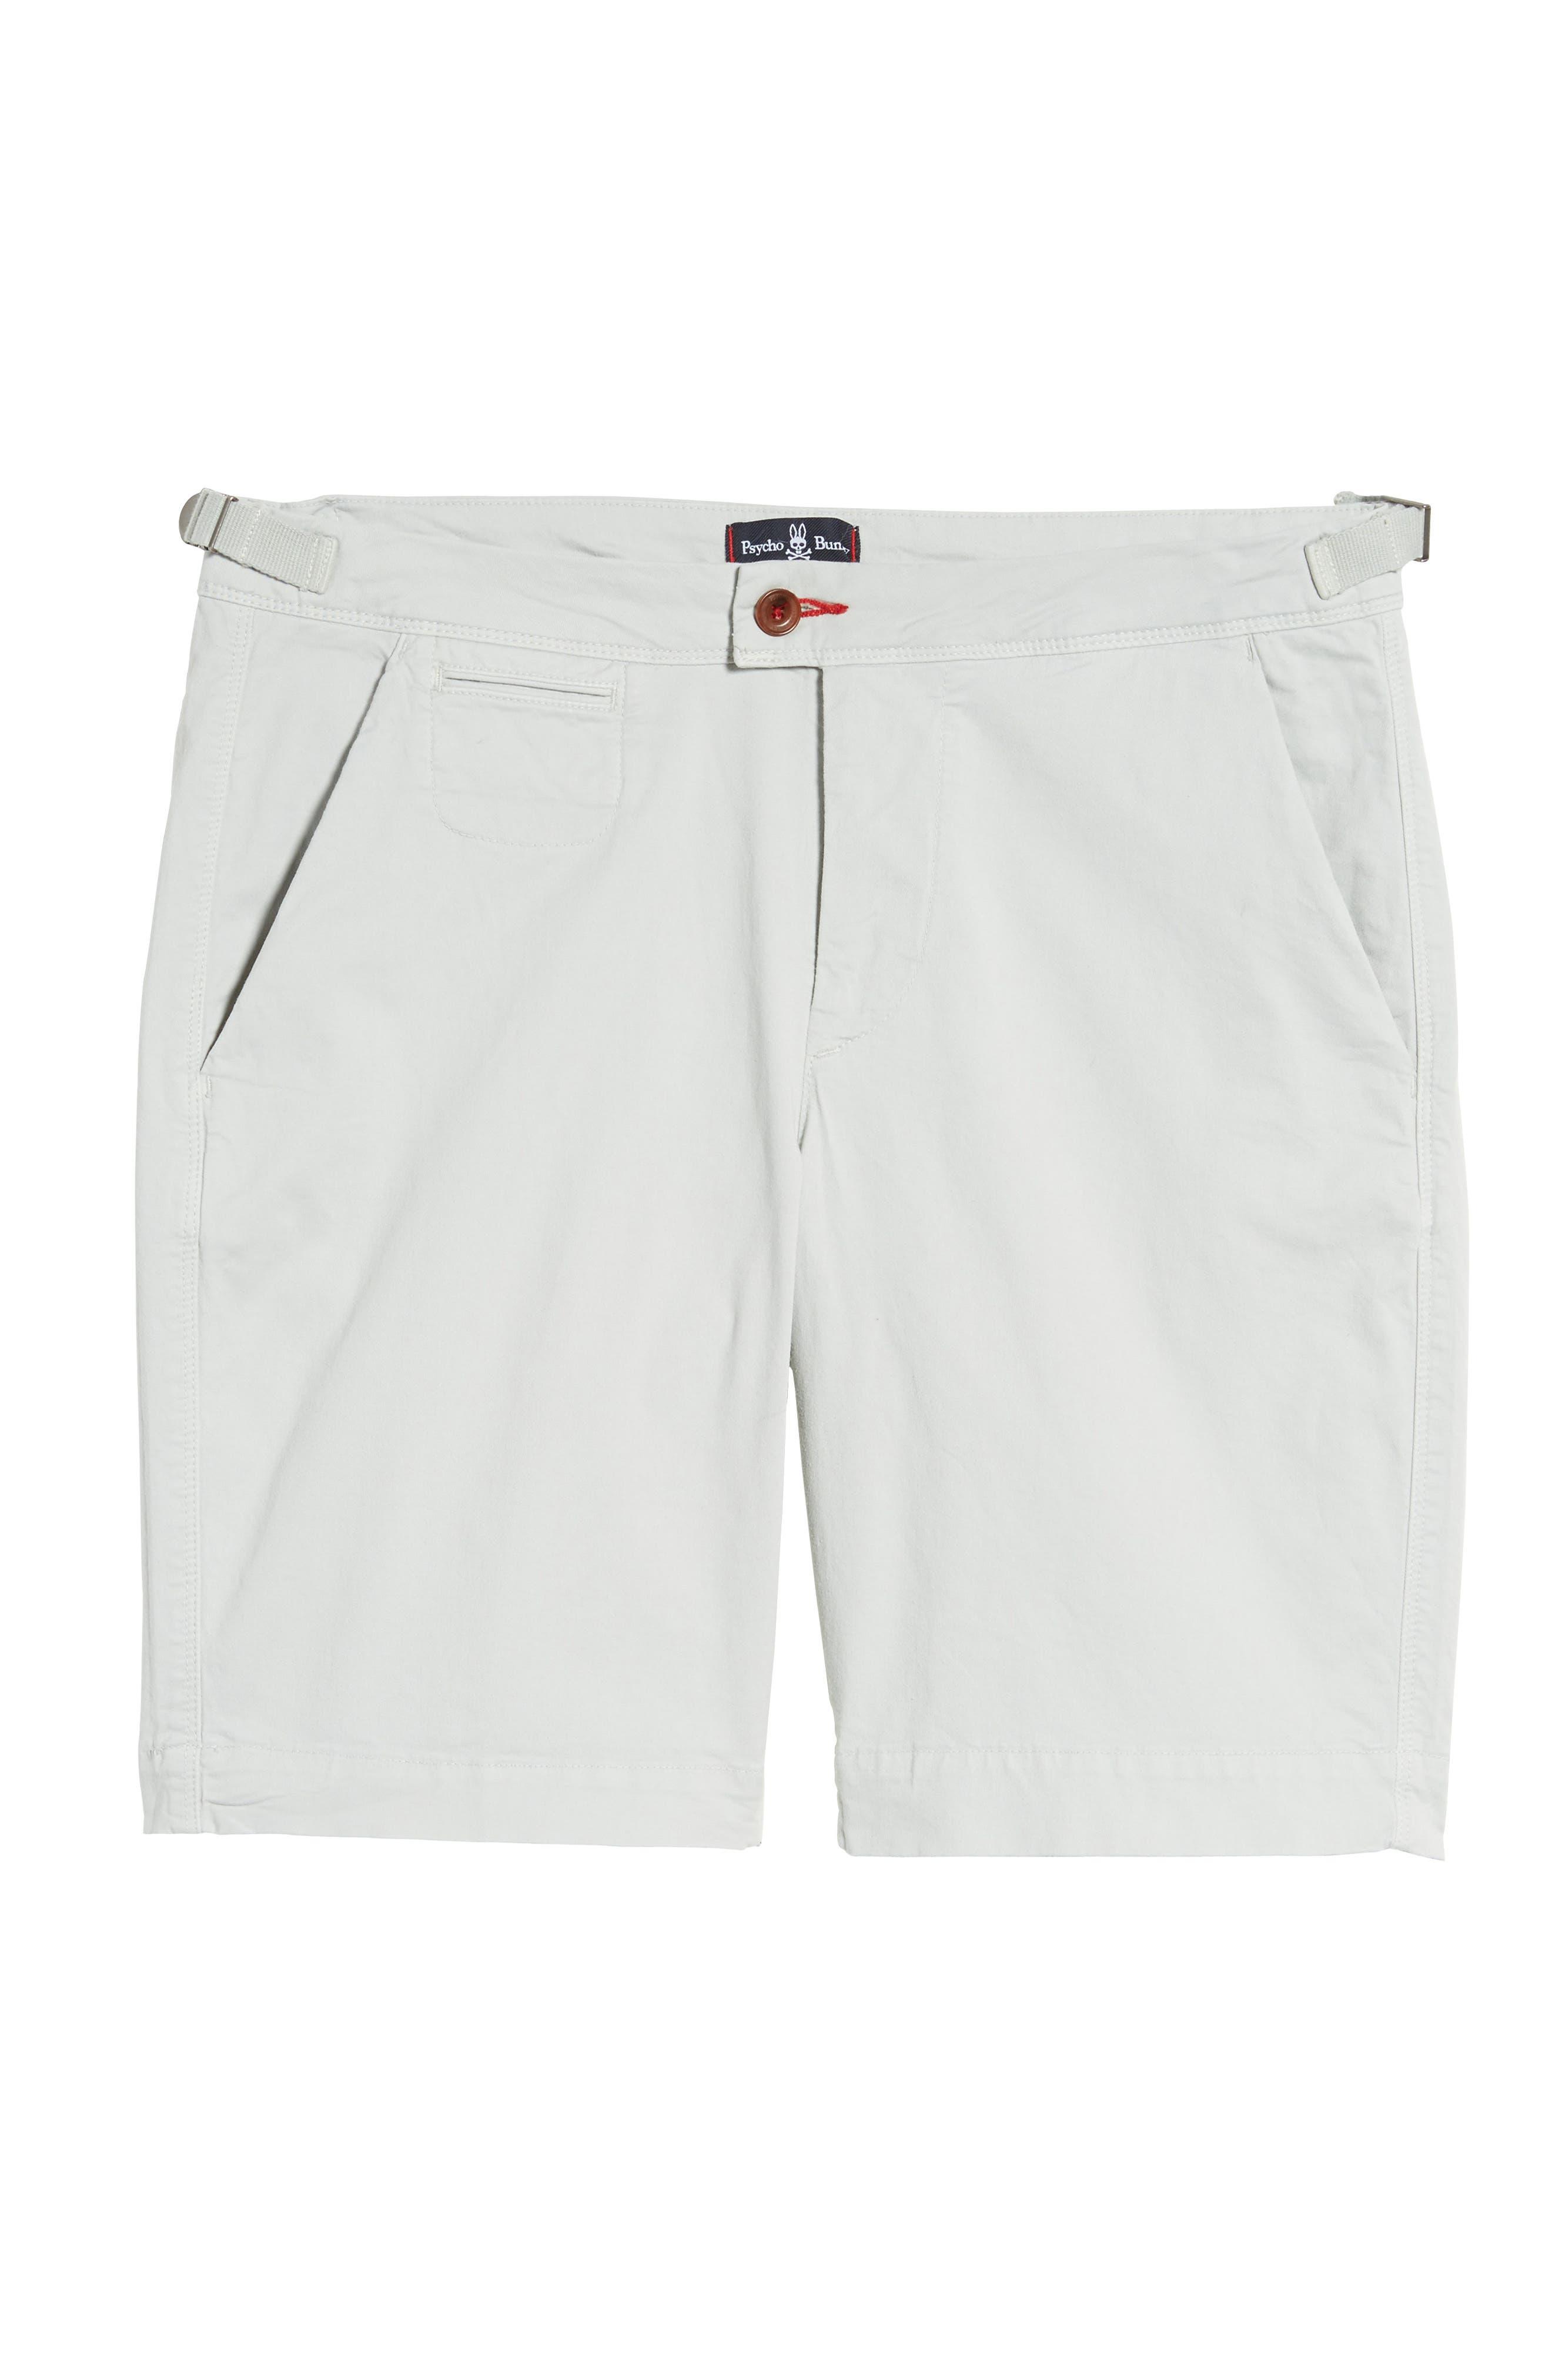 Triumph Shorts,                             Alternate thumbnail 67, color,